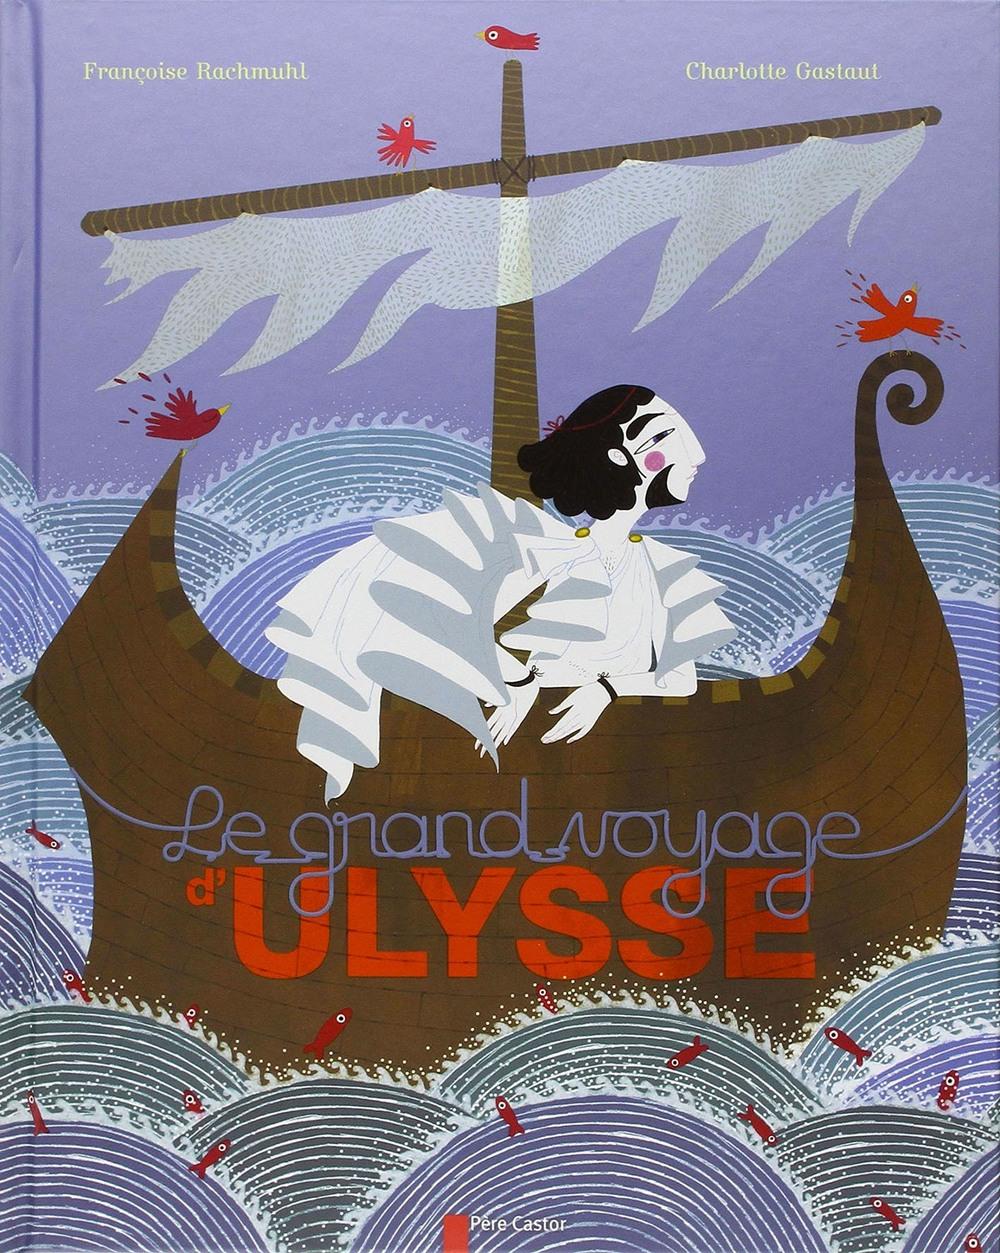 UlysseCouverture.jpg